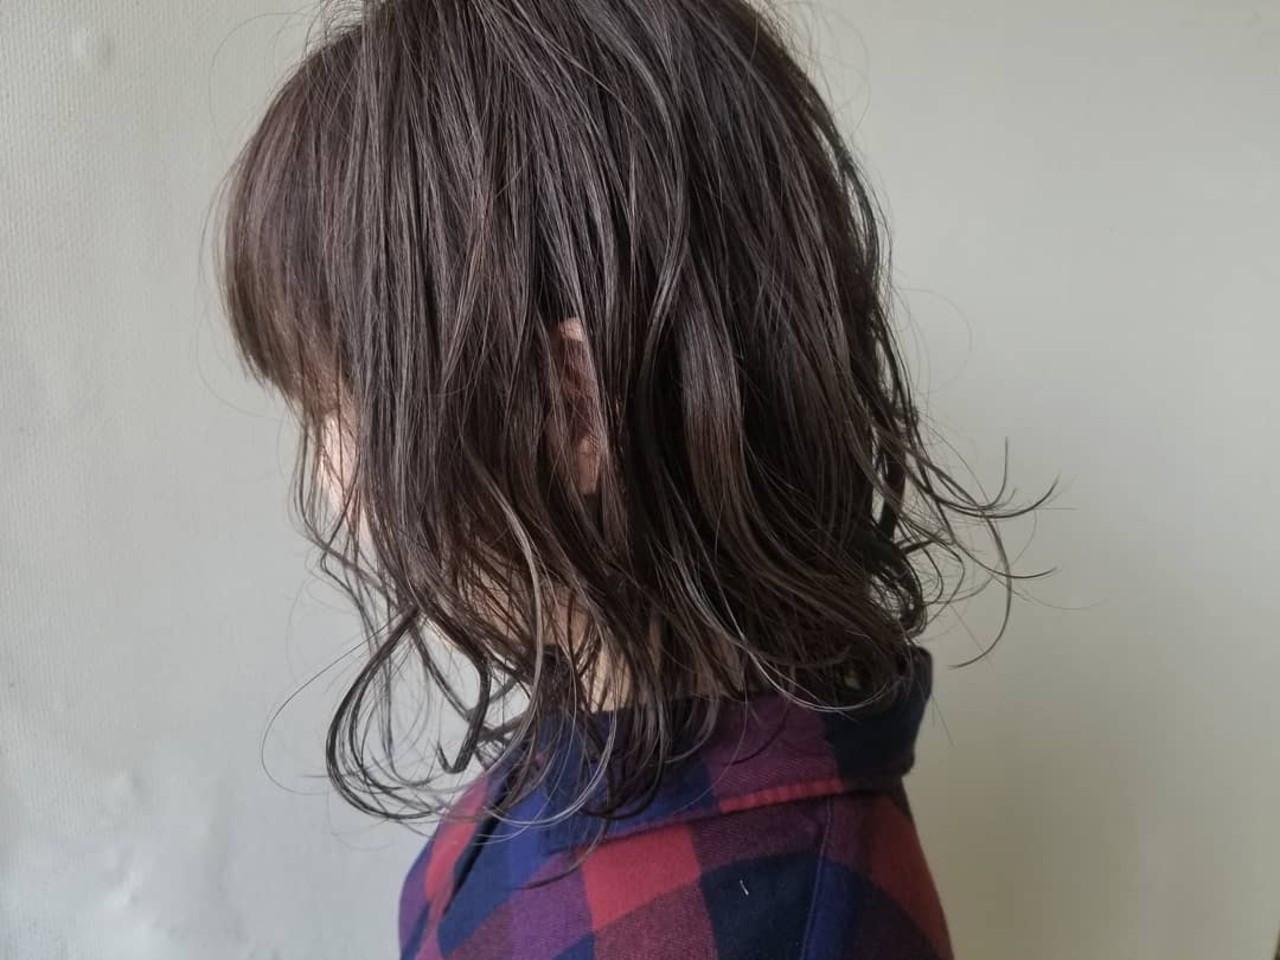 ハイライト 透明感カラー ナチュラル ミルクティーグレー ヘアスタイルや髪型の写真・画像